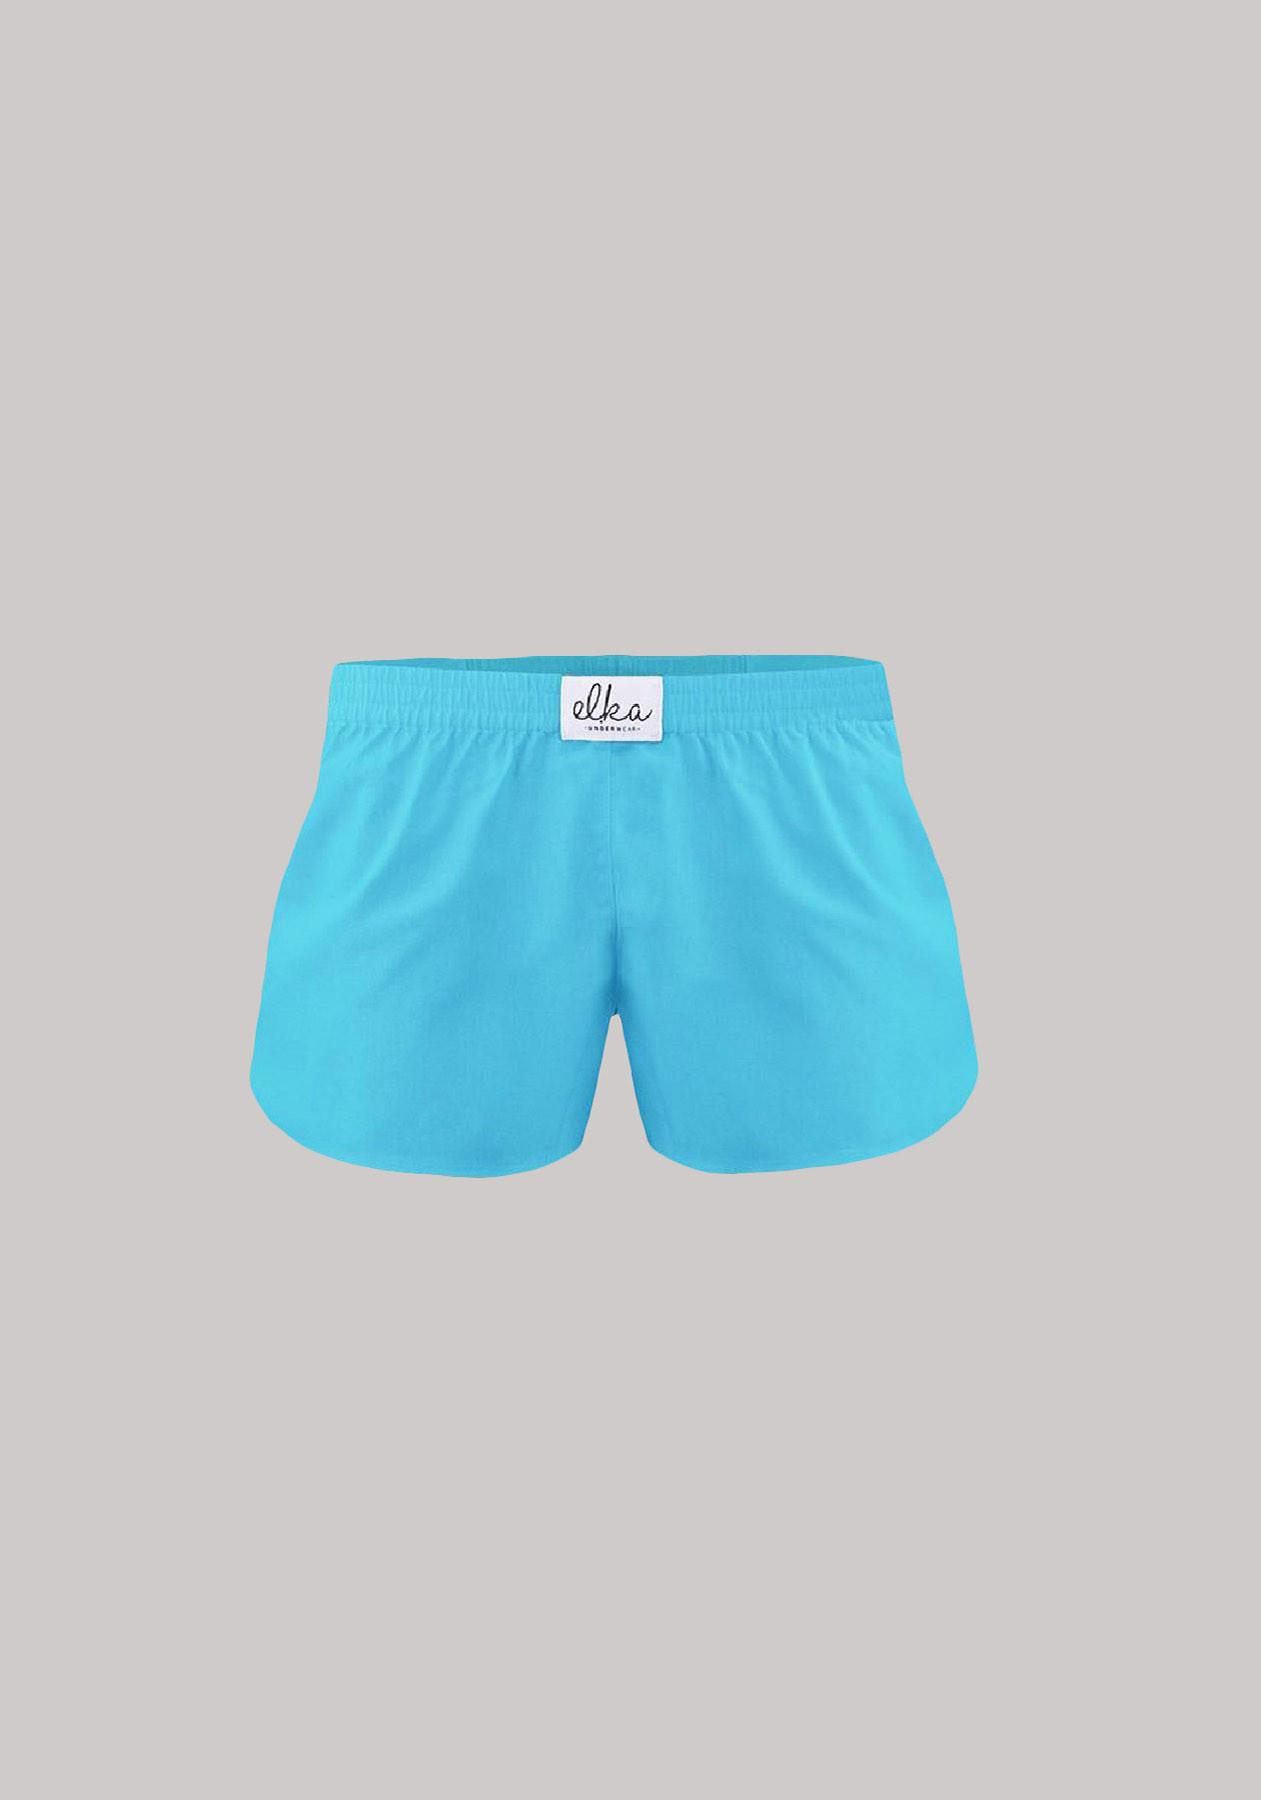 Kids-boxershorts-ELKA-Lounge-K00466